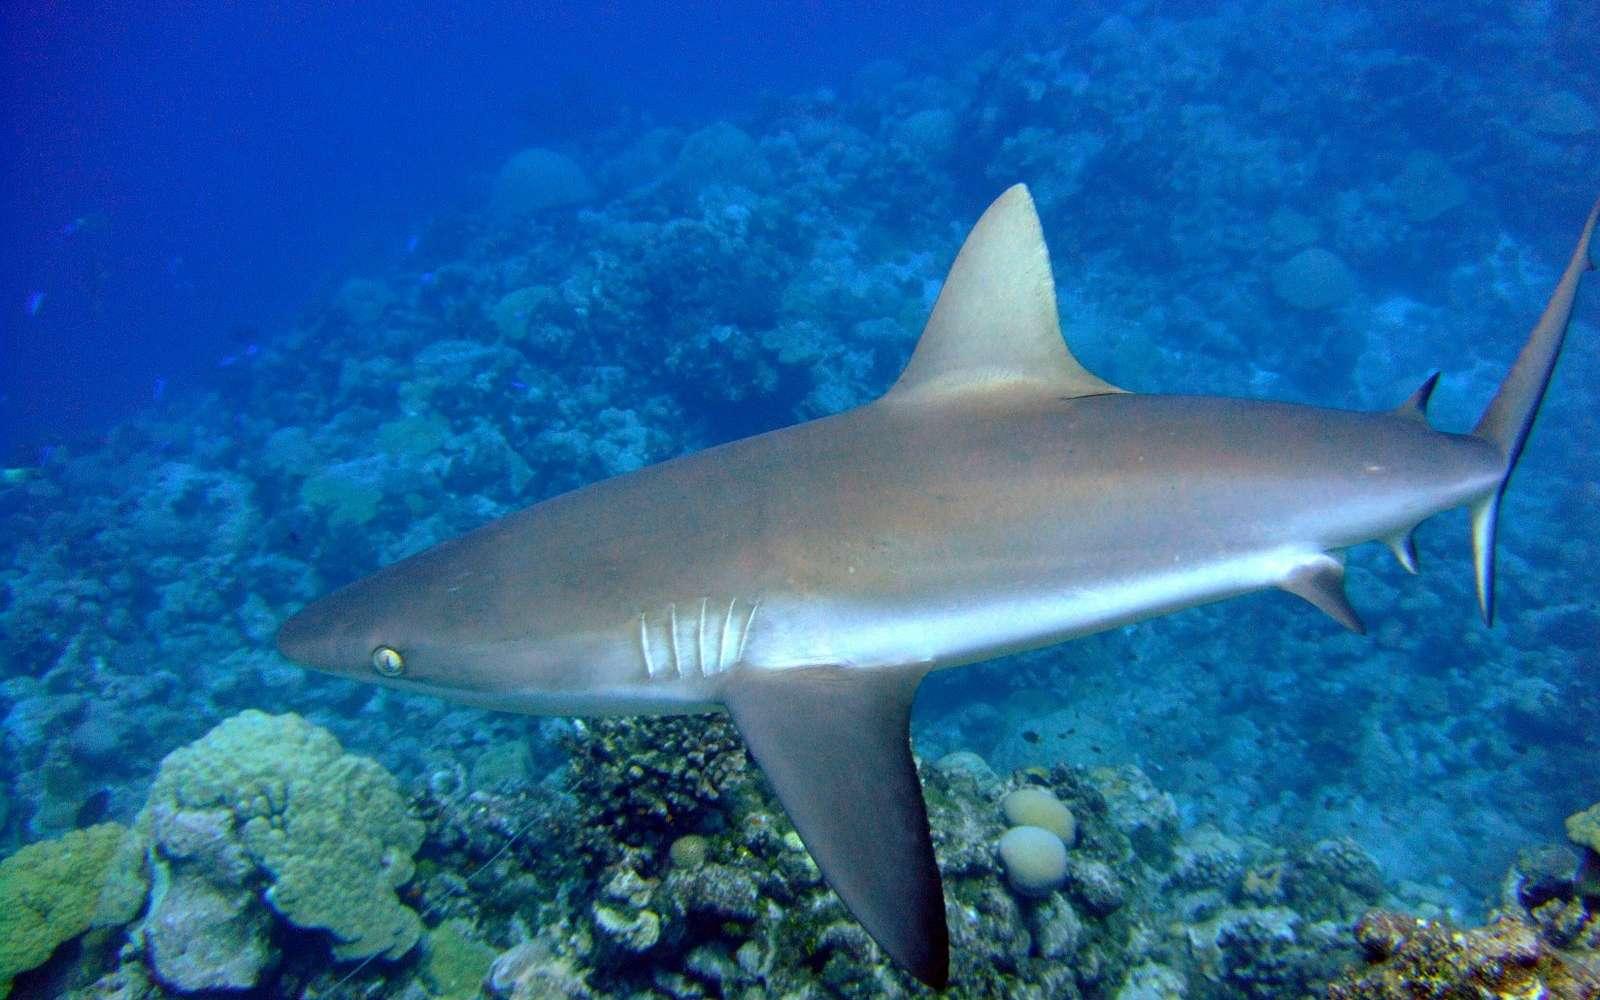 Dans certains récif coralliens, les requins sont si peu nombreux que leur population n'est plus à même d'assurer son rôle écologique dans les récifs coralliens. © NOAA